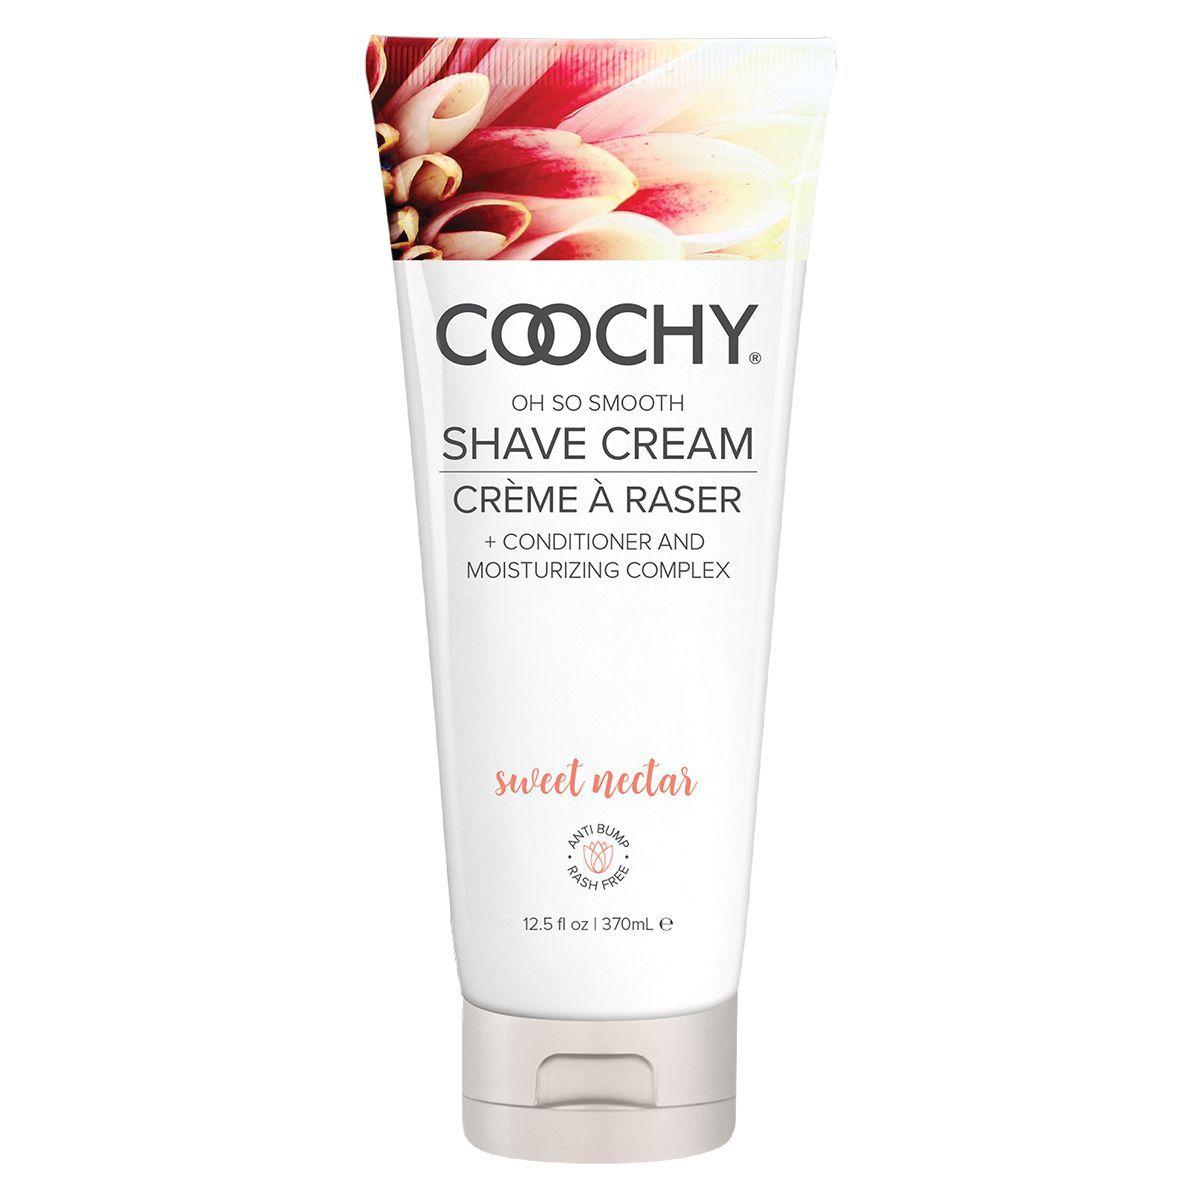 Средства по уходу за телом, косметика: Увлажняющий комплекс COOCHY Sweet Nectar - 370 мл.